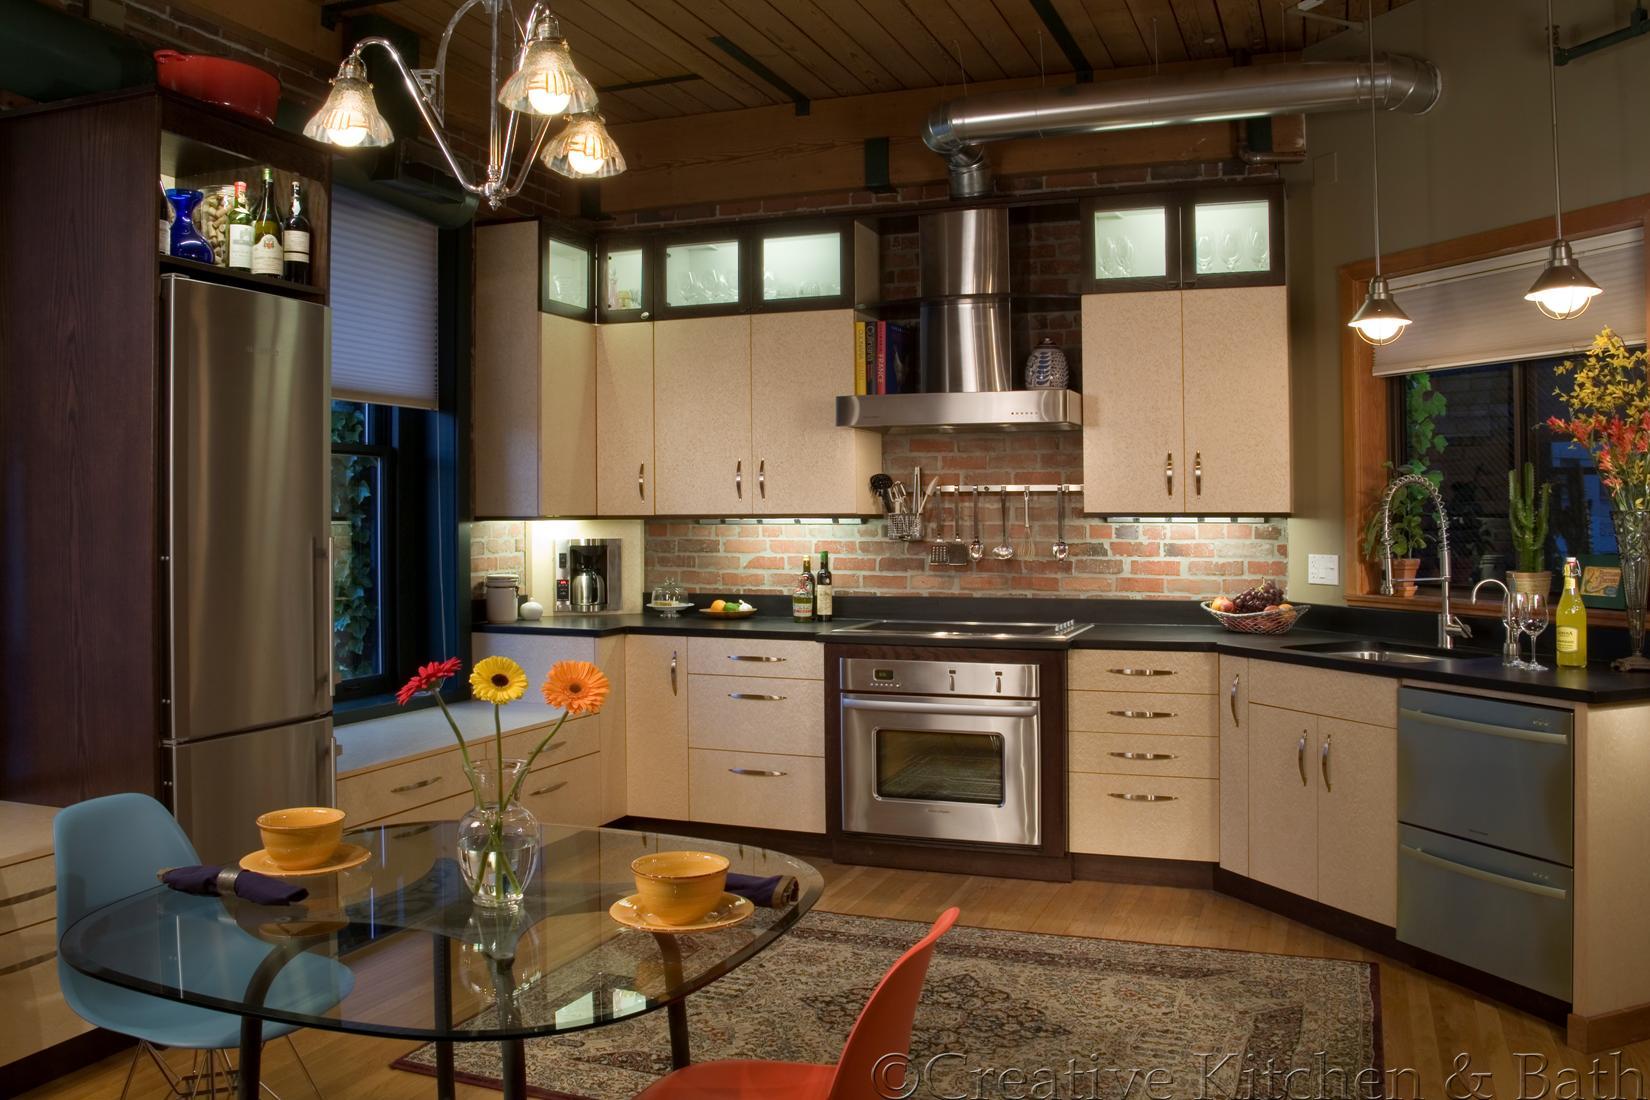 Kitchen Design Ideas For Medium Kitchens creative kitchen & bath | kitchen designs